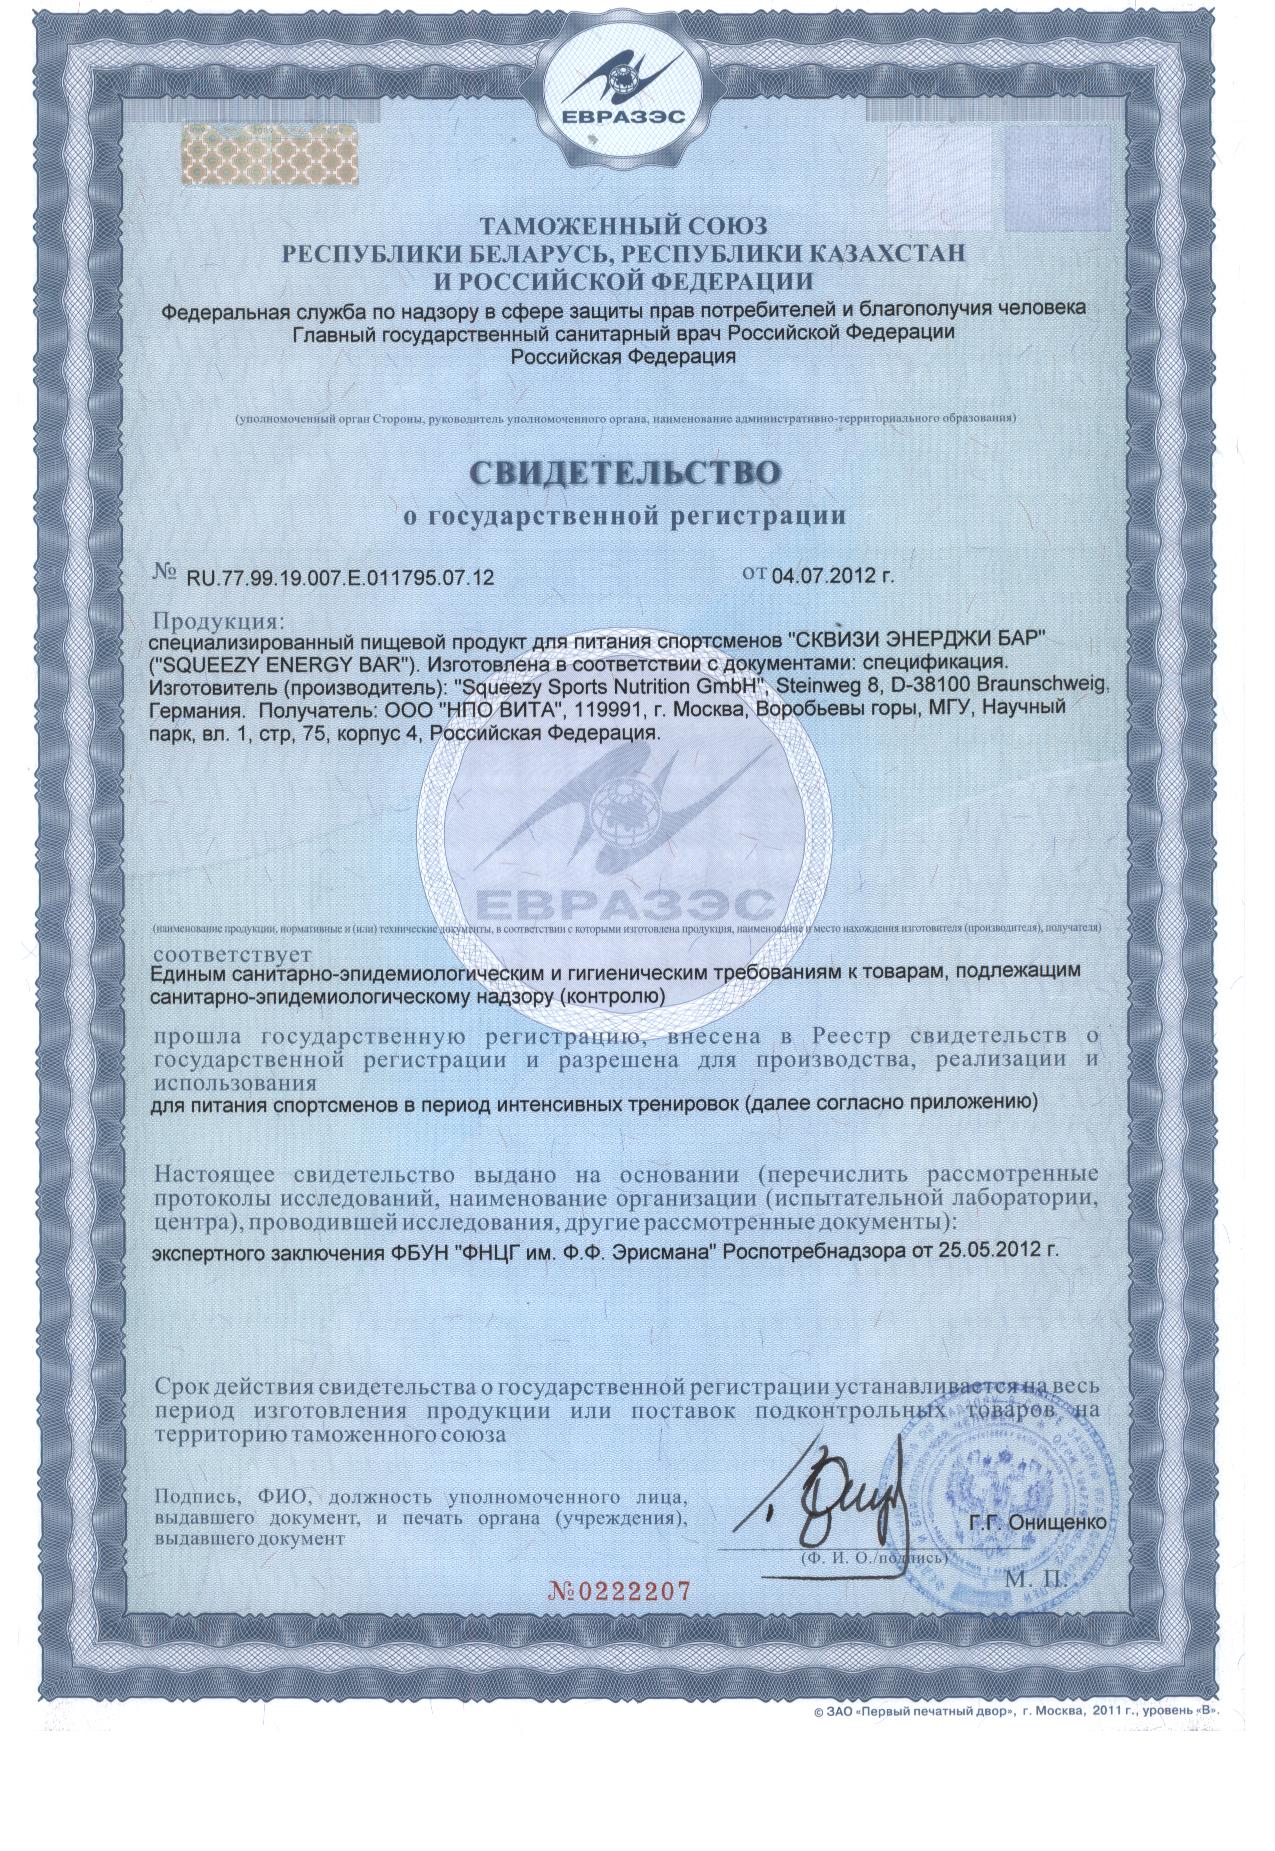 Сертификат ENERGY BAR